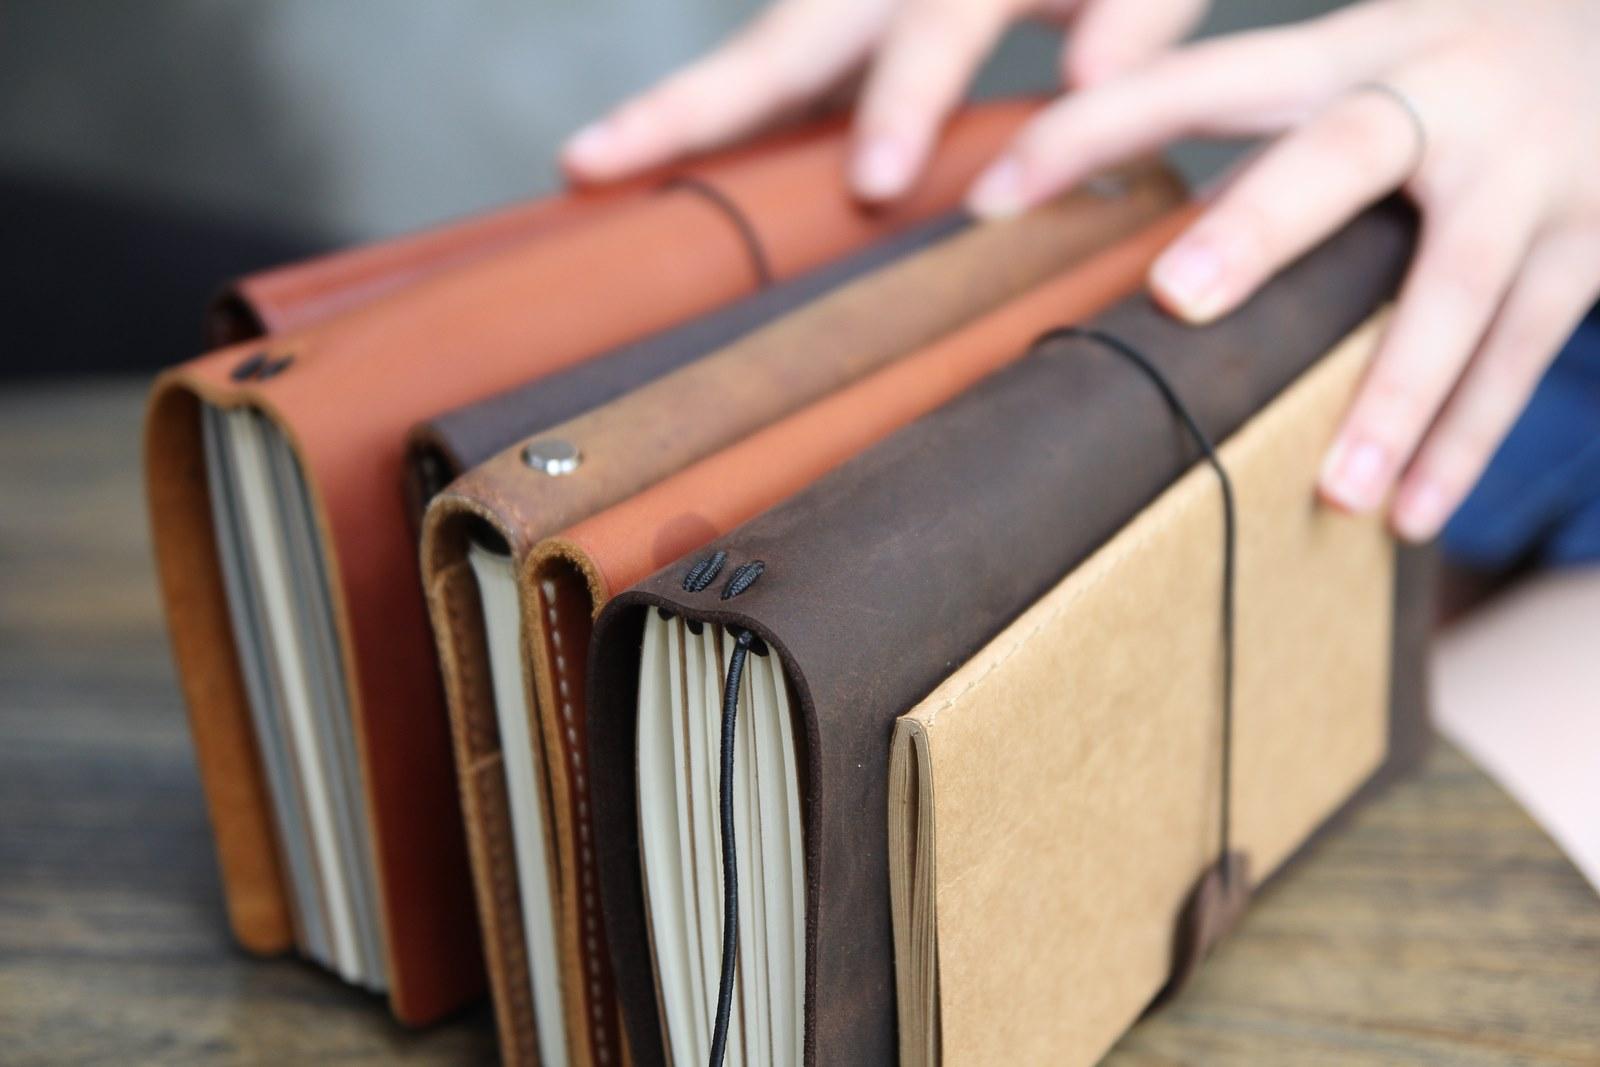 Sổ bìa da Midori Journal Notebook - Quà tặng sổ da đơn giản mà ý nghĩa.